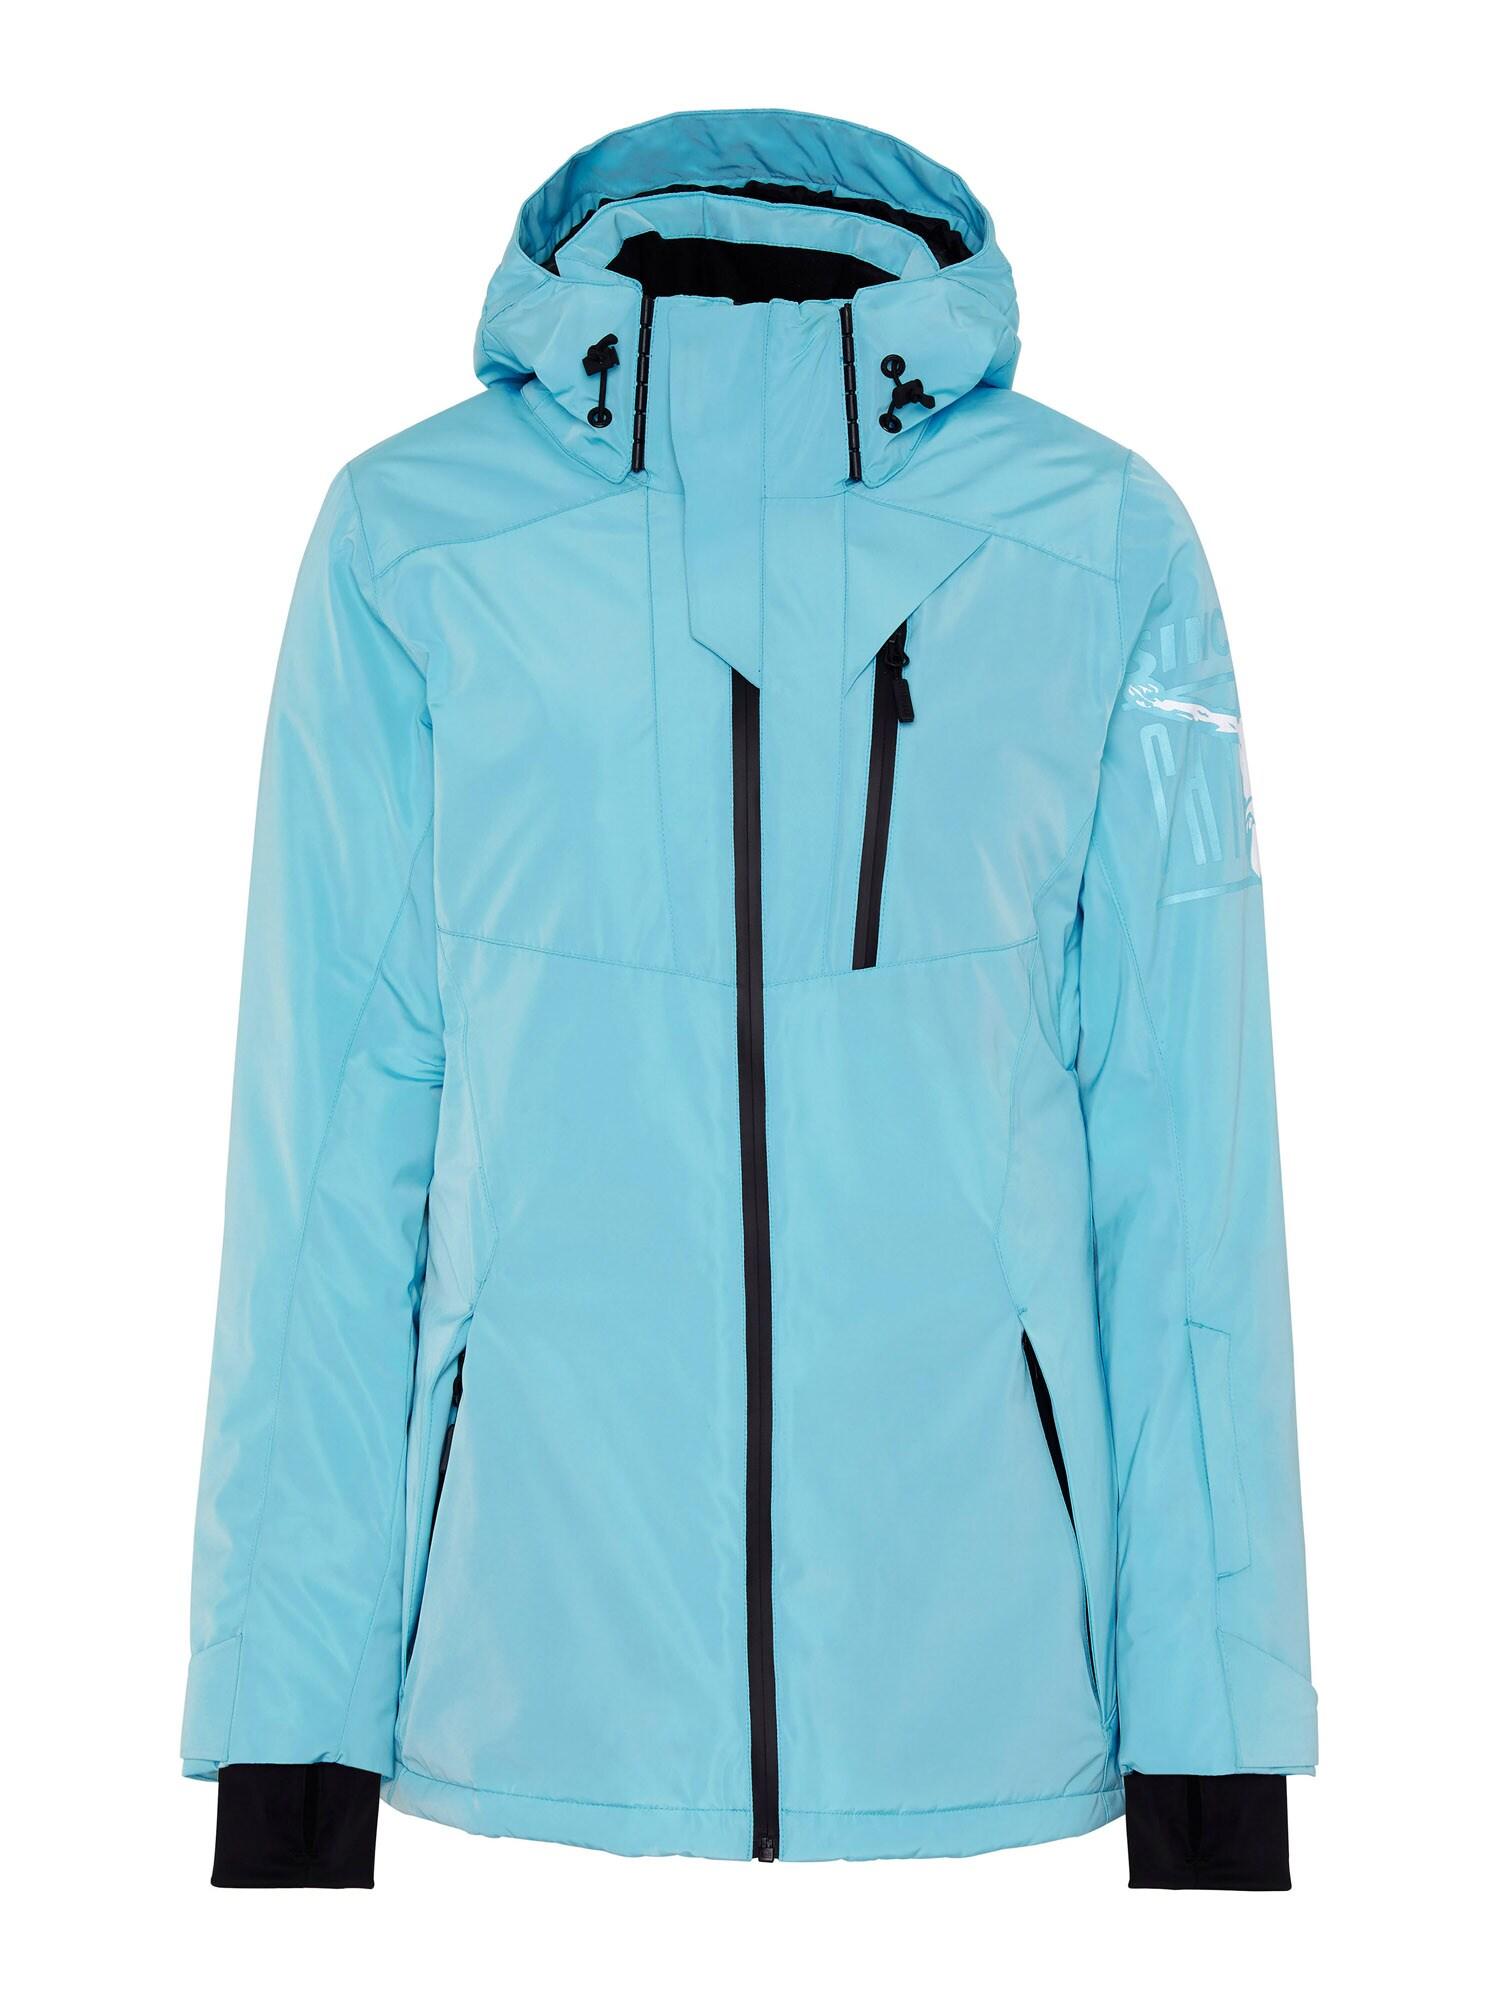 CHIEMSEE Sportovní bunda 'Ruka'  modrá / černá